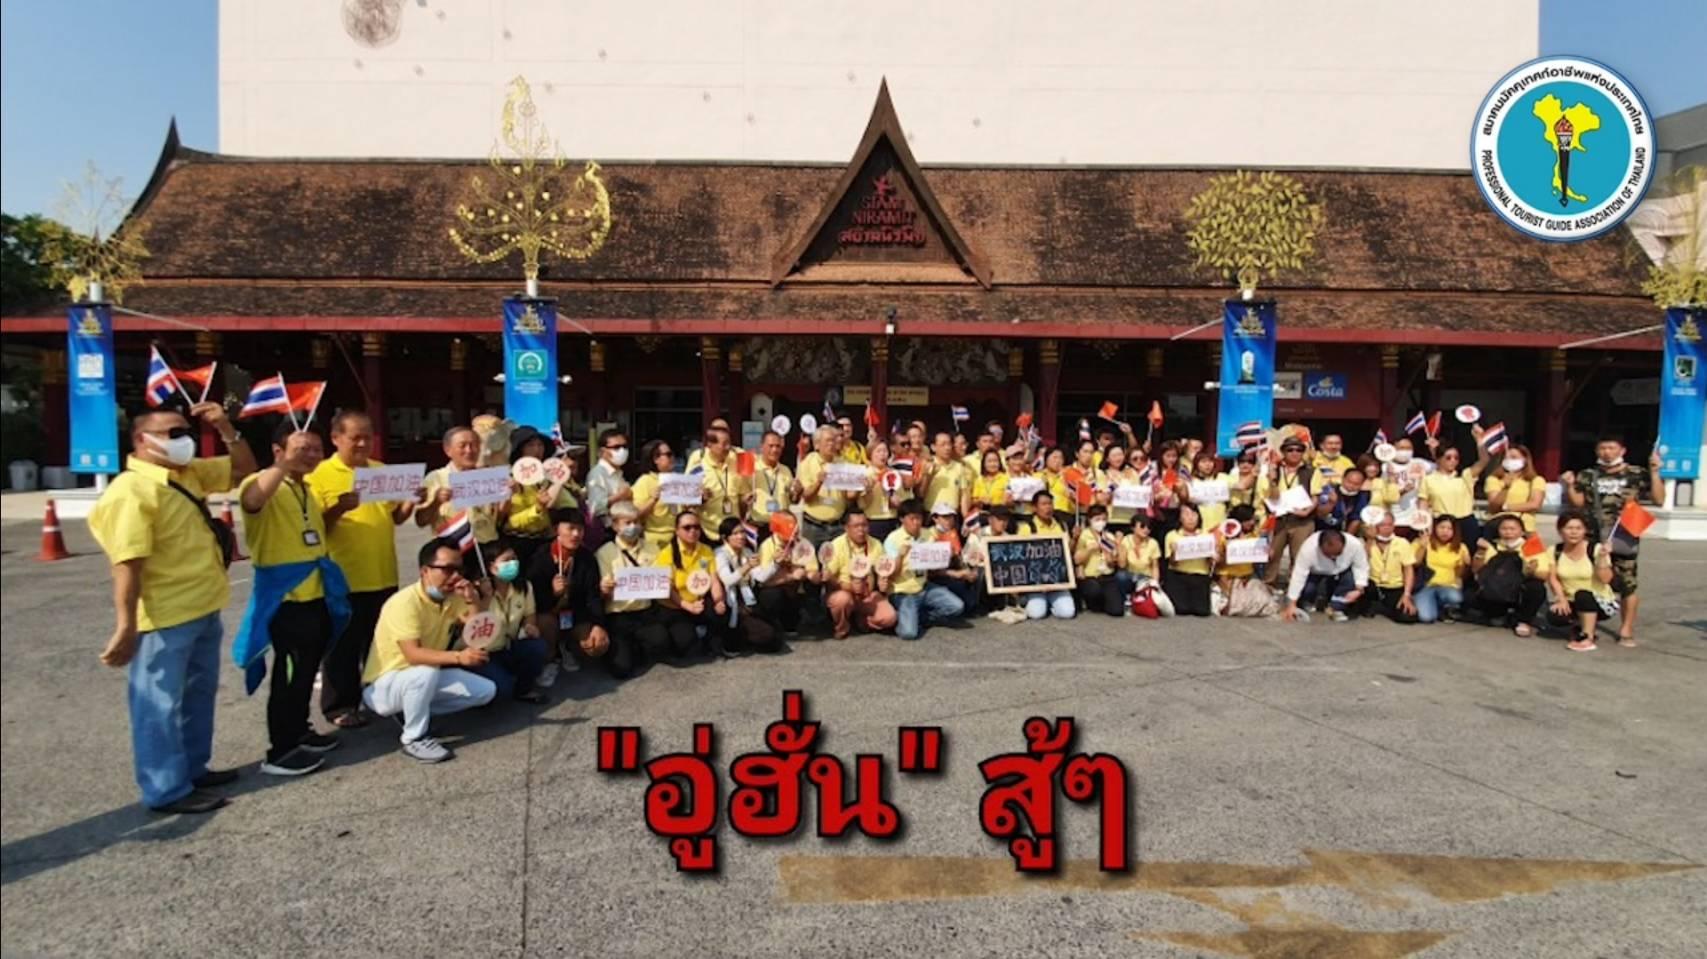 """รวมใจเป็นหนึ่ง! ไกด์ไทยร่วมส่งกำลังใจให้ชาวอู่ฮั่น สู้วิกฤติไวรัส """"โคโรนา"""""""